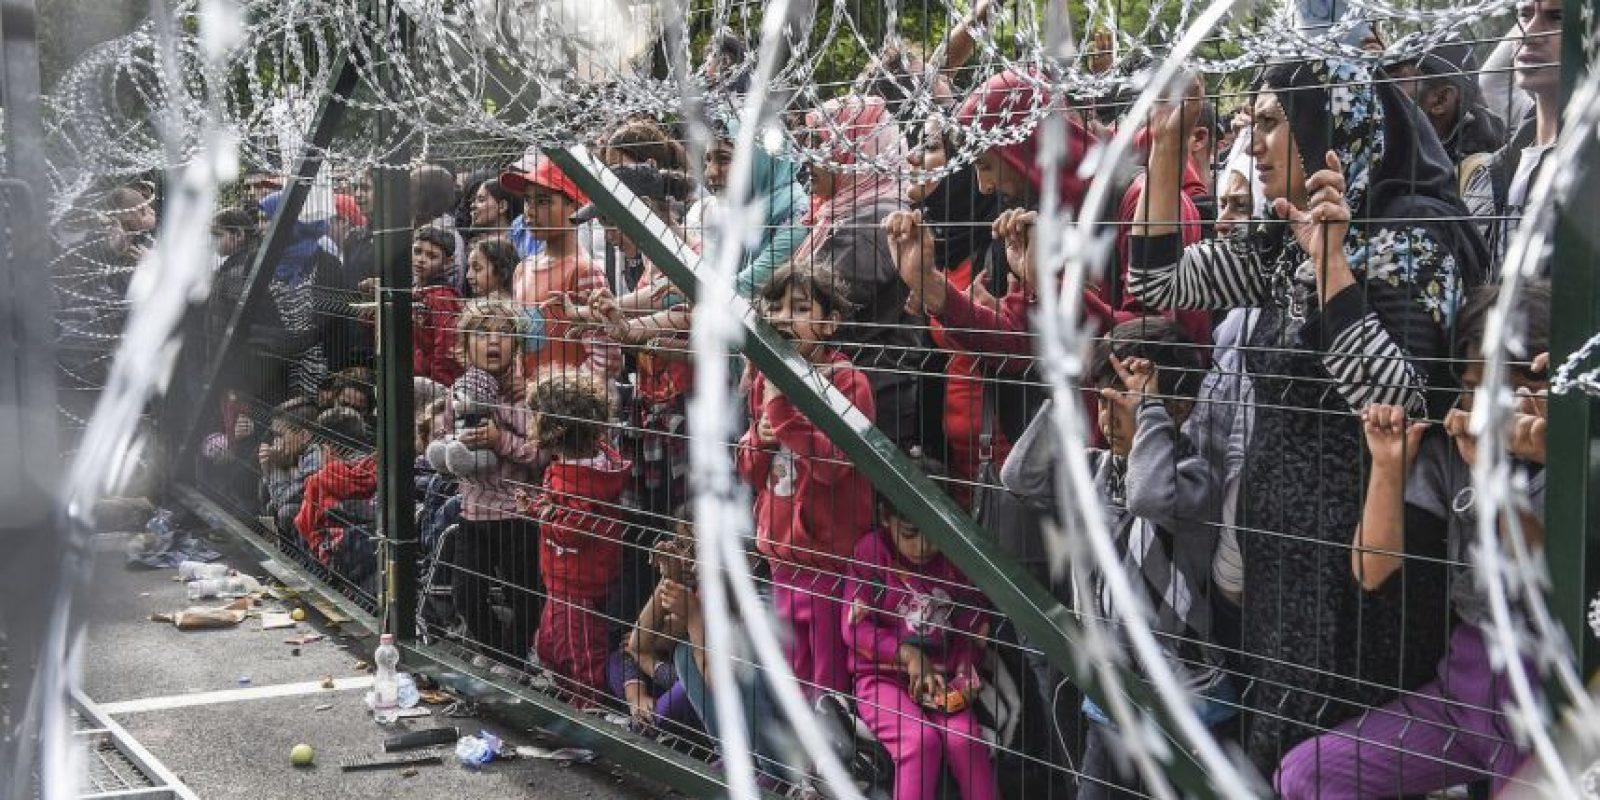 Refugiados en la frontera de Hungría y Serbia. Foto:AFP